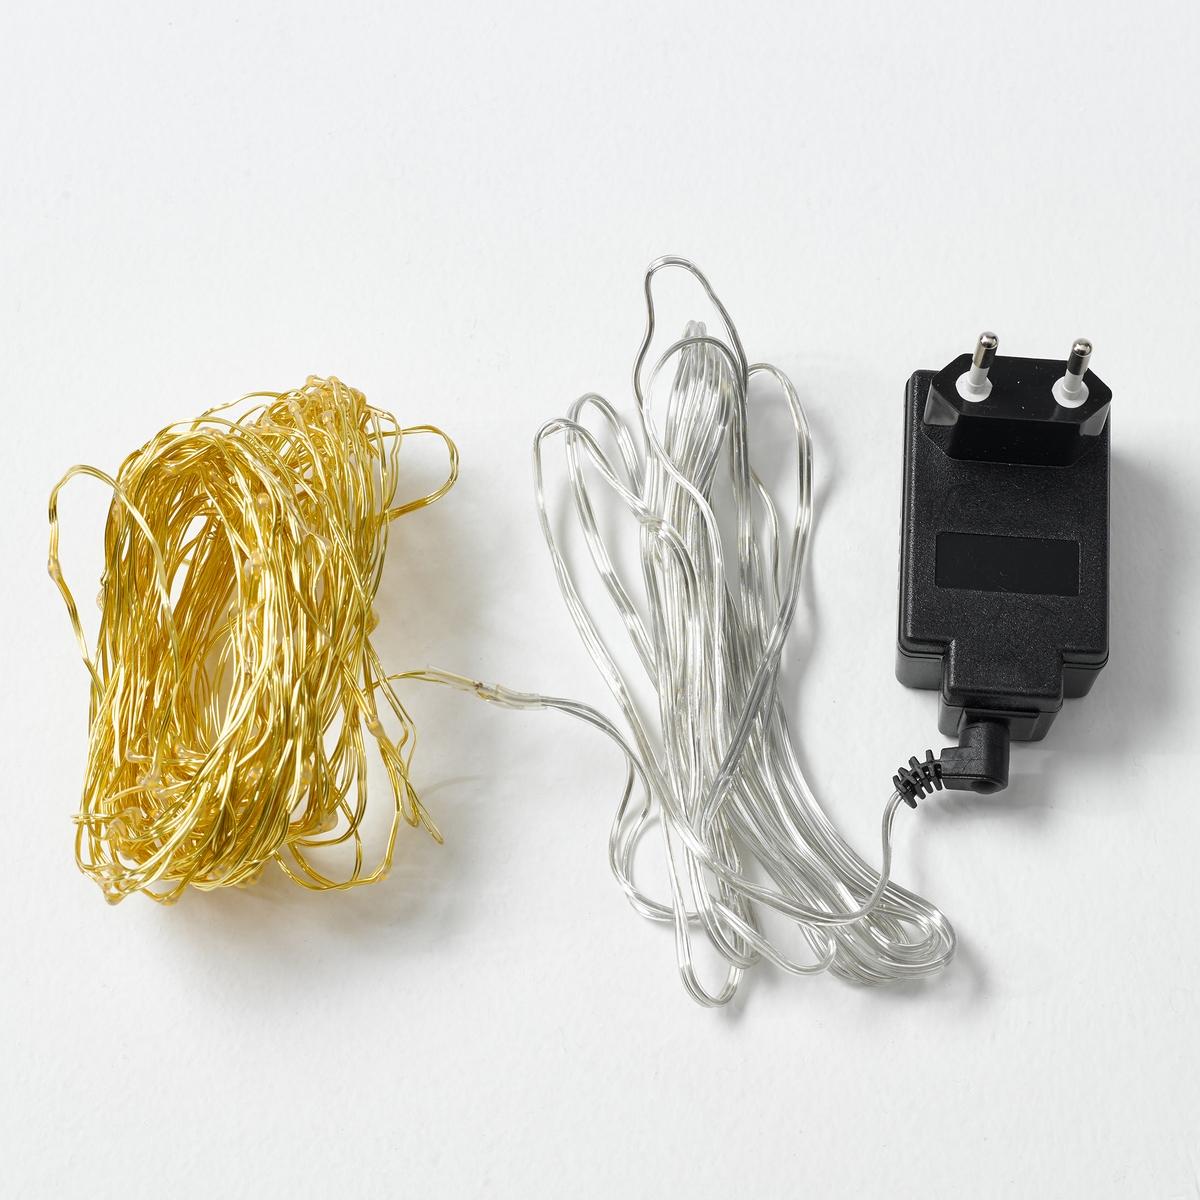 Светодиодная гирлянда OmaraСветодиодная гирлянда Omara. Для создания освещенного пространства… Миниатюрные светодиоды установлены на металлическом кабеле так близко, что кажется, что огни плавают в воздухе.Характеристики :- Покрытие лаком- 125 миниатюрных светодиодов, 6 В, на металлическом кабеле- Не нагревается- Несменные лампы- Поставляется с адаптером 220 В, длина провода 3 м.    Размеры :- Длина 154 см<br><br>Цвет: латунь